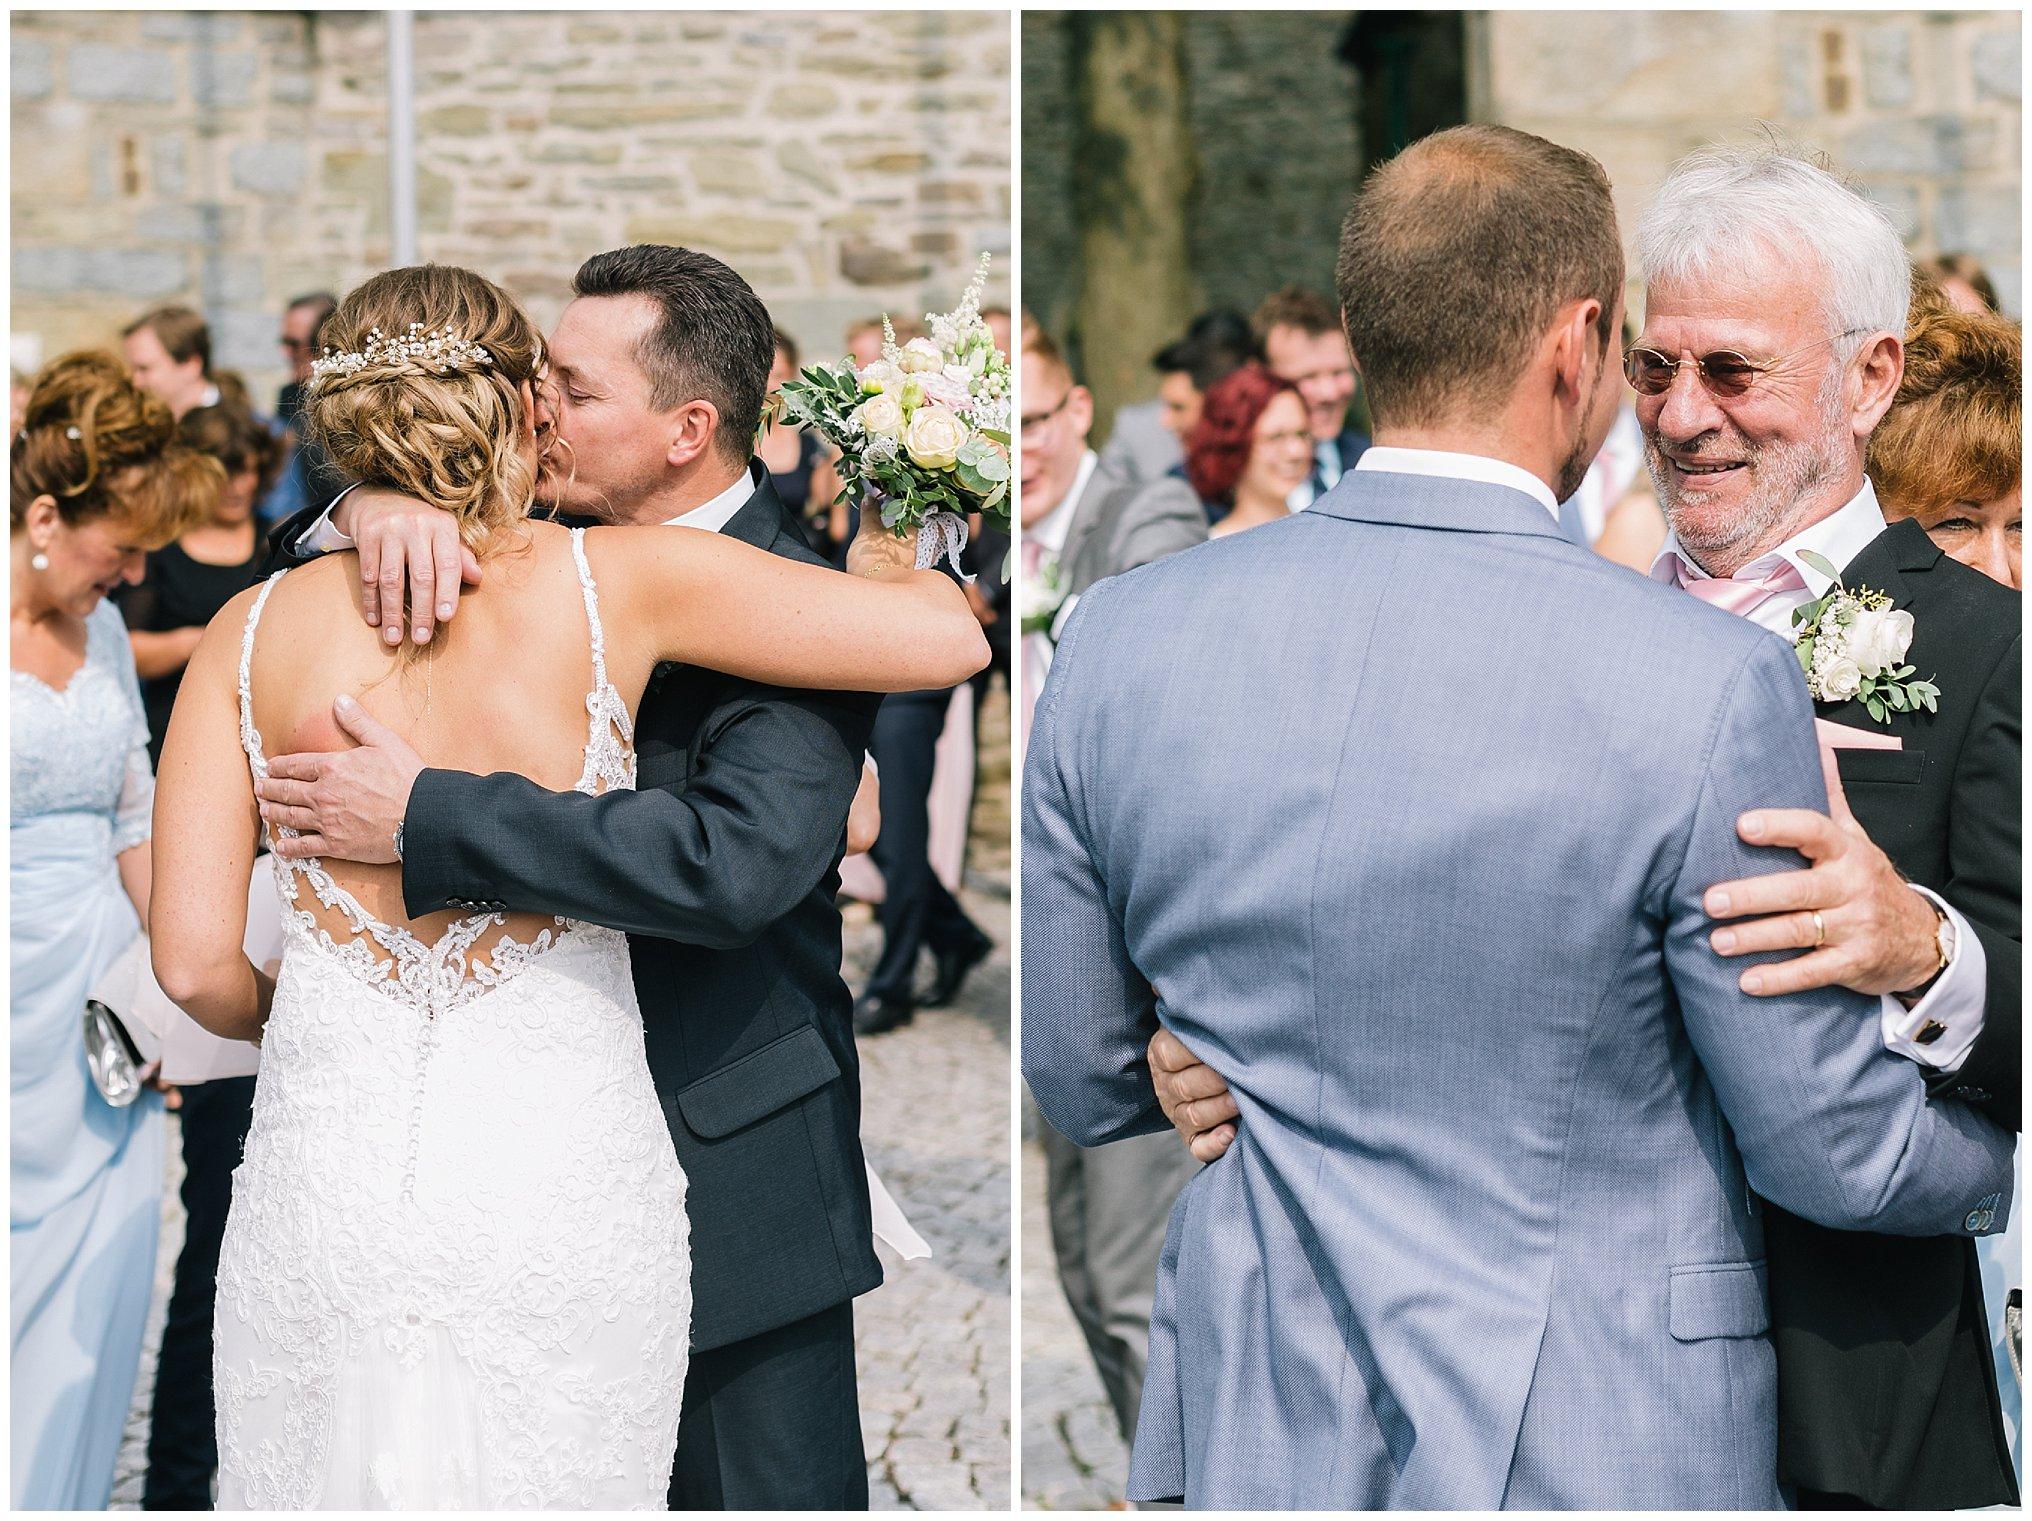 Gratulation Umarmung Golfhotel Vesper Hochzeit Sprockhövel Hochzeitsfotograf Jane Weber boho chic vintage fine art